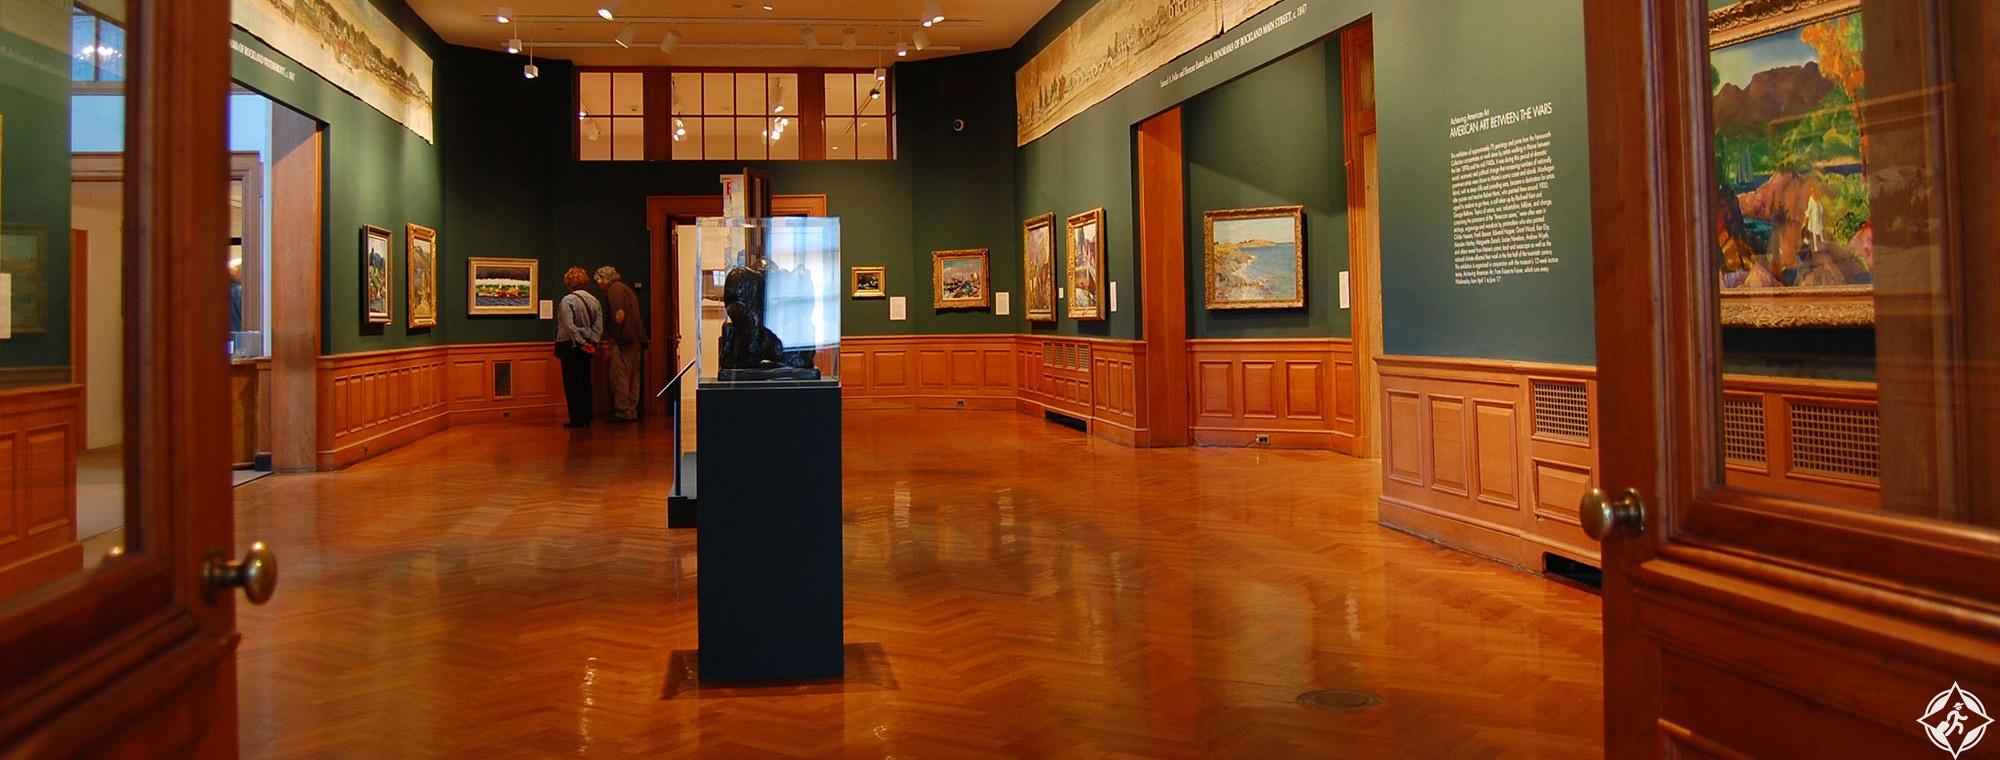 الولايات المتحدة الأمريكية - متحف الفن فارنسورث- ماين